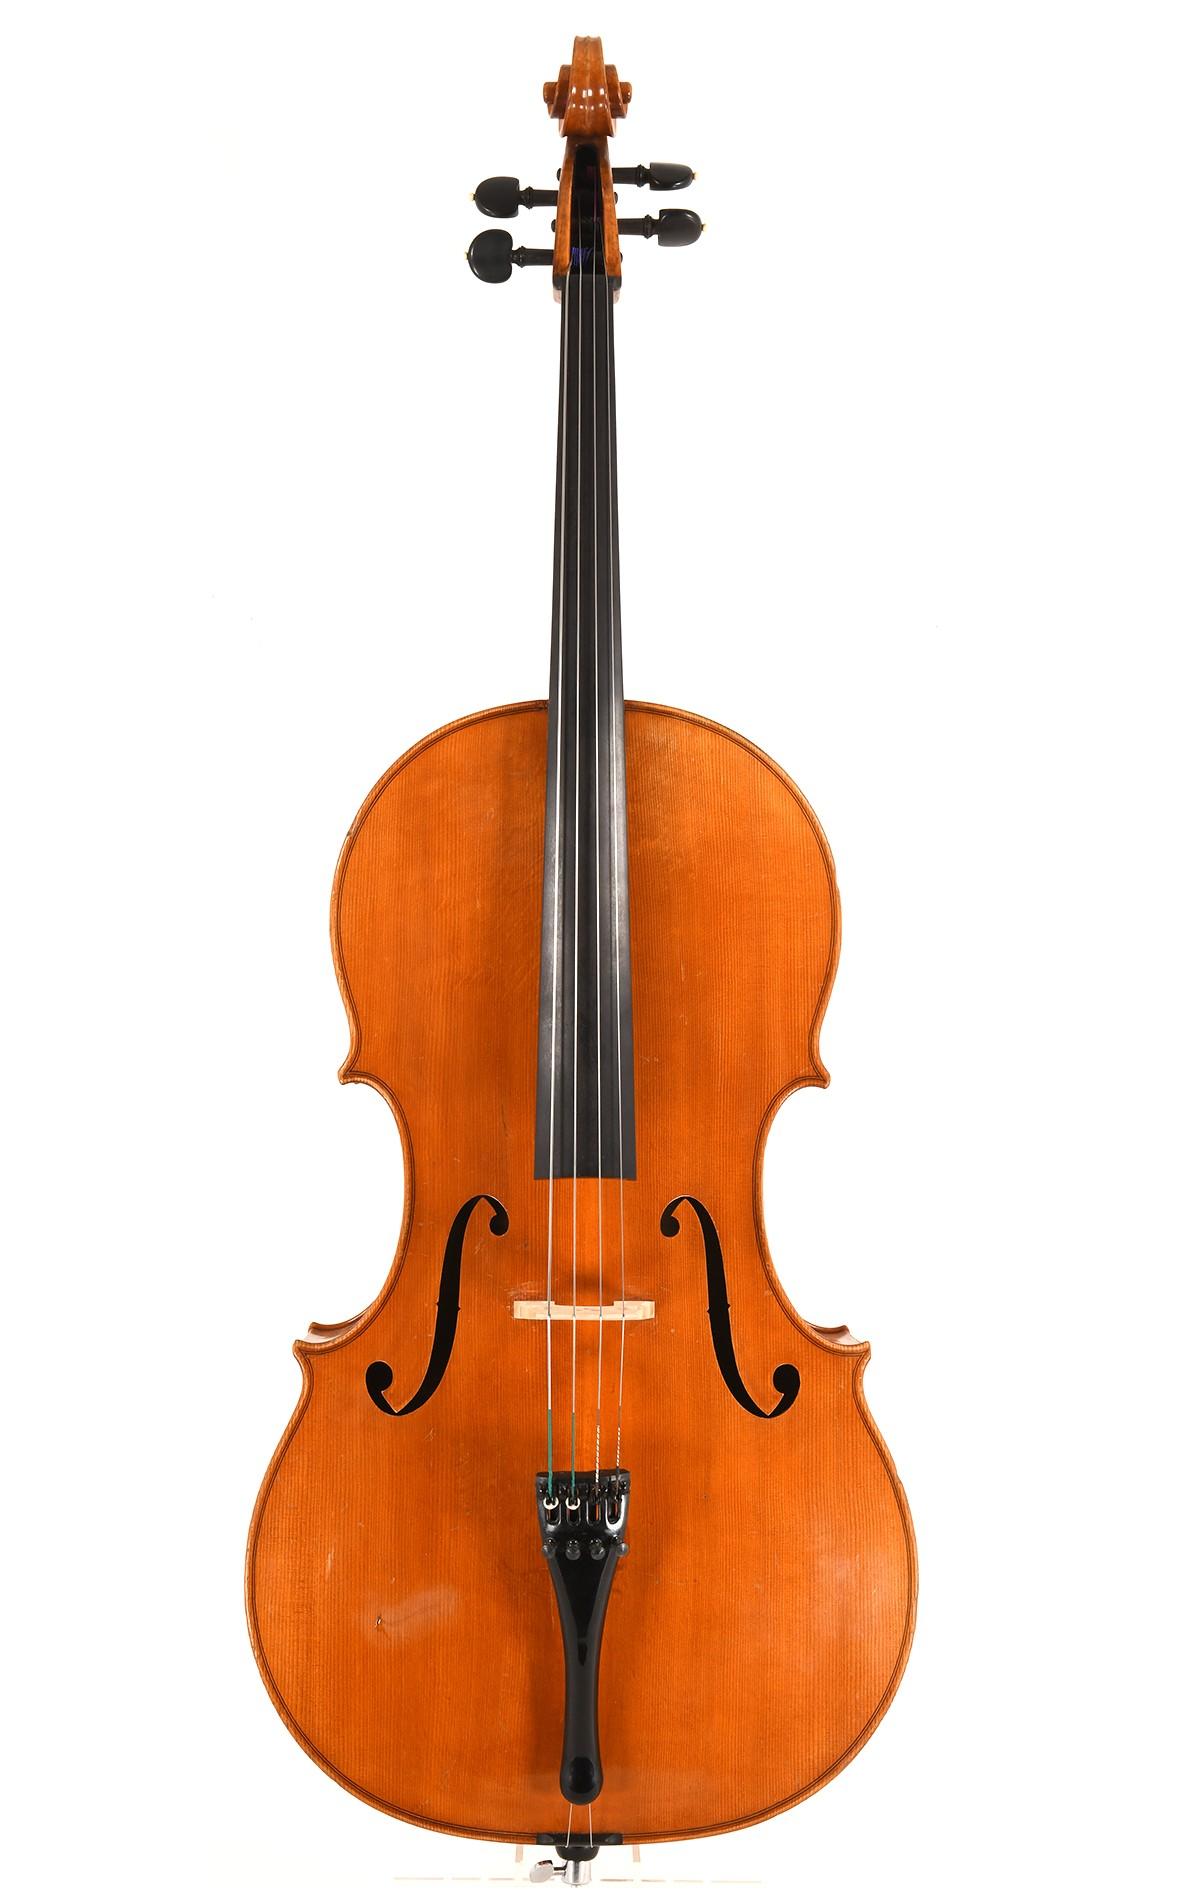 米滕瓦尔德大提琴:布鲁诺-弗朗茨-保卢斯 (Bruno Franz Paulus)